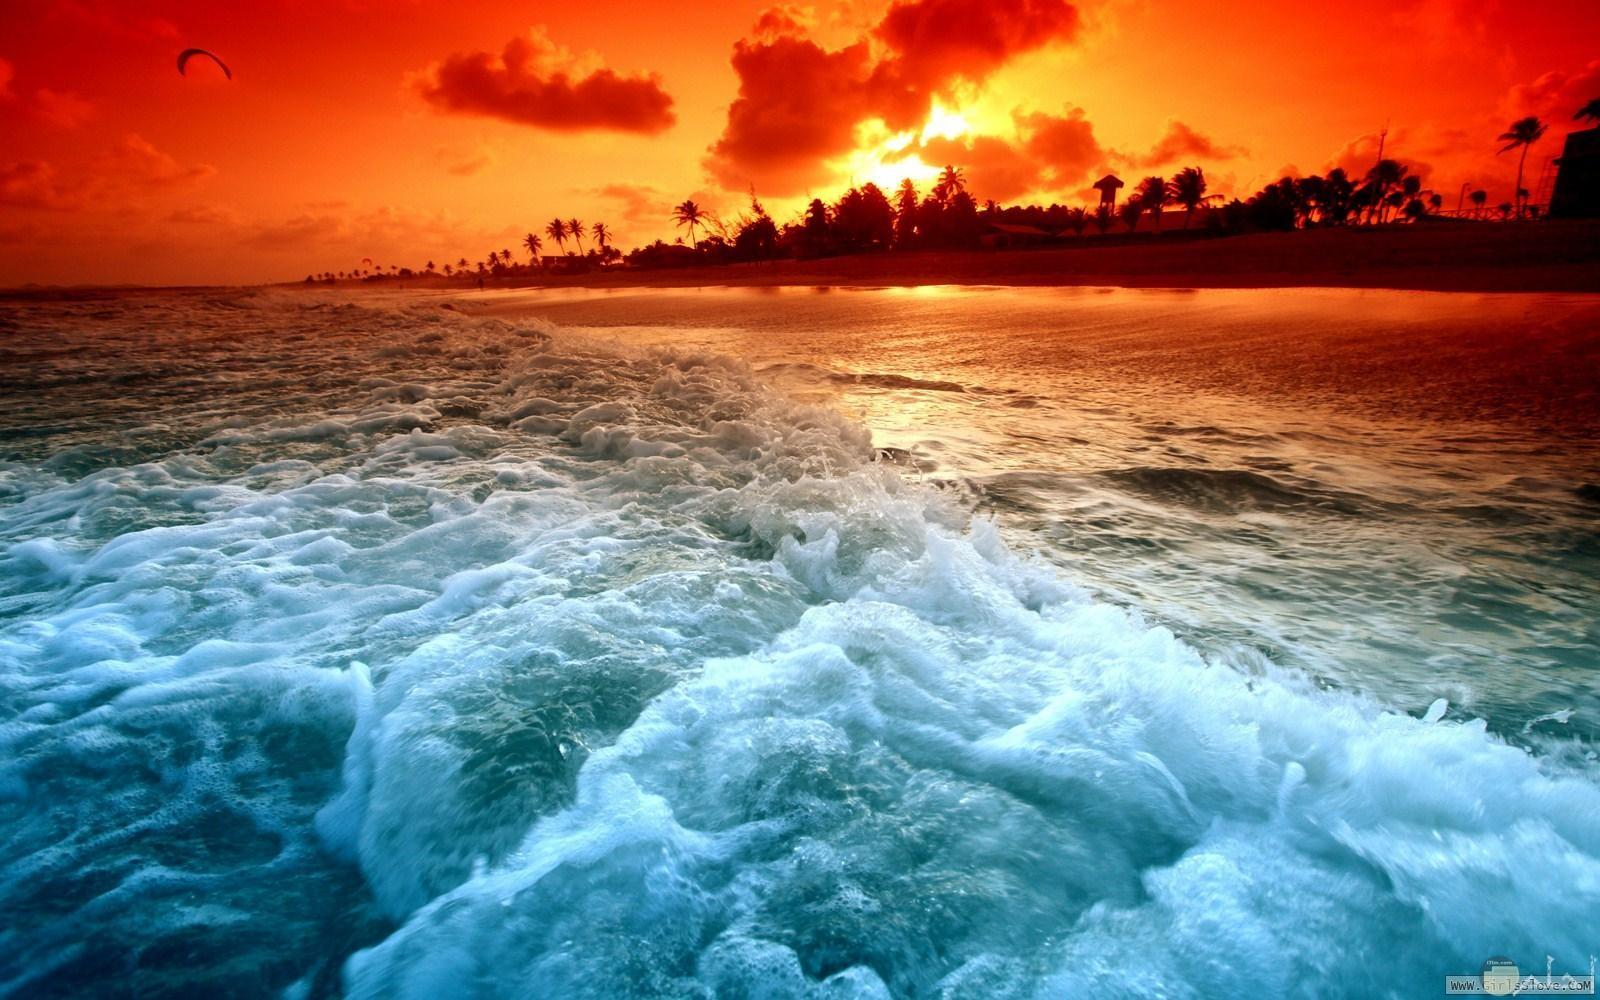 بحر وغروب للشمس ونخيل منظر خلاب للواتس